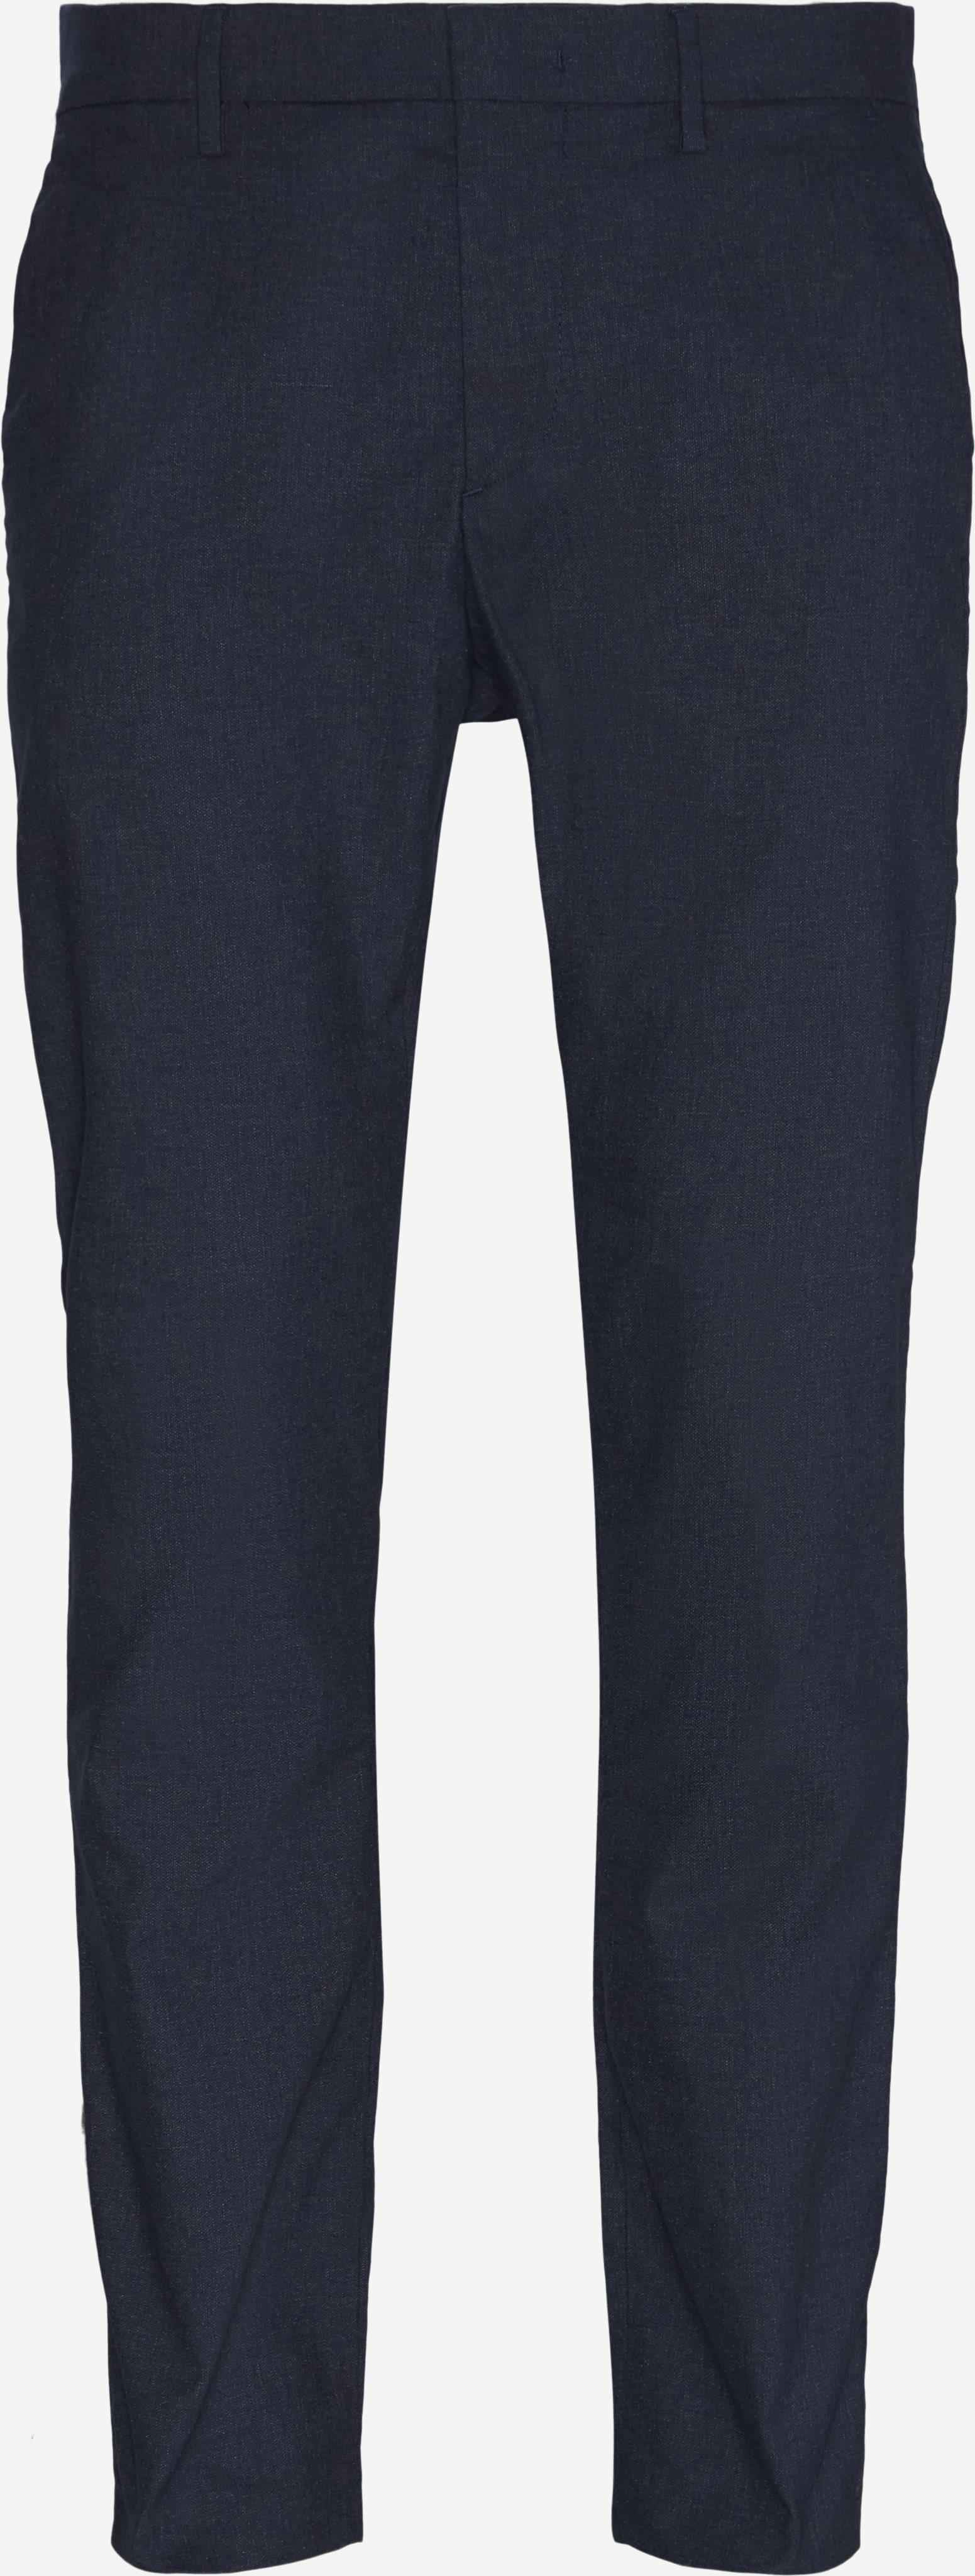 Hosen - Regular - Blau